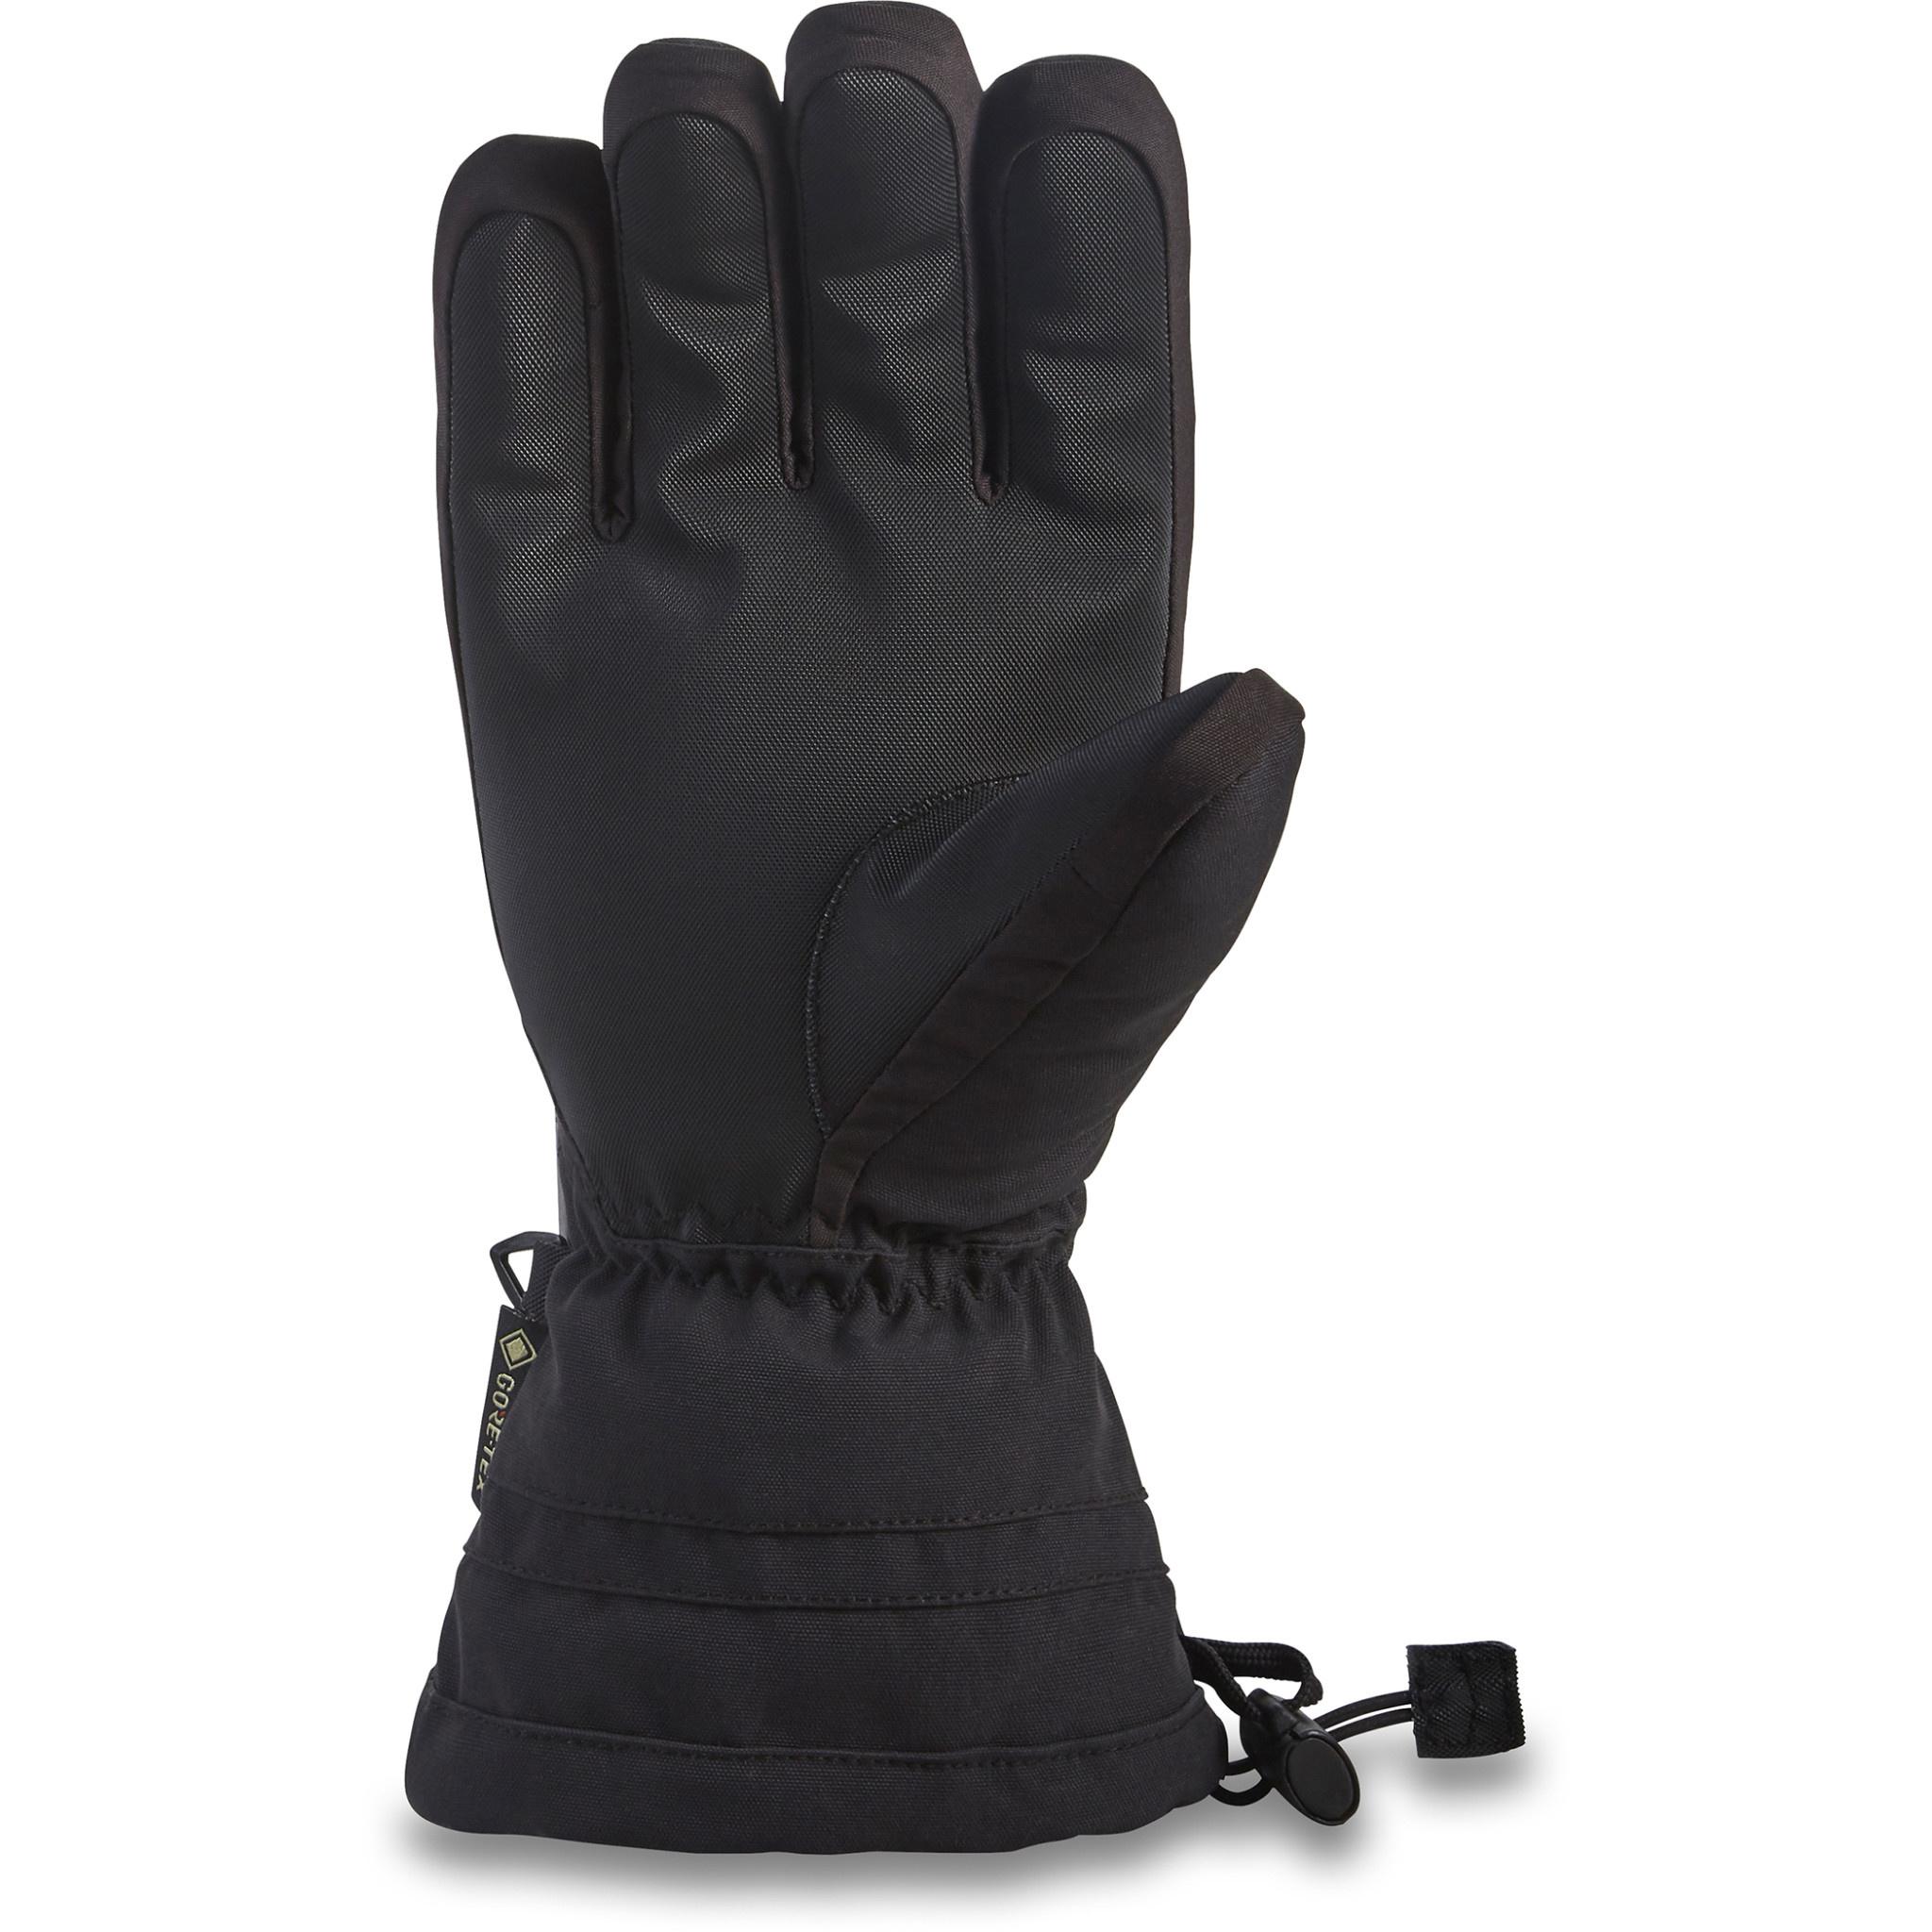 Dakine Dakine Women's Omni Gore-Tex Glove